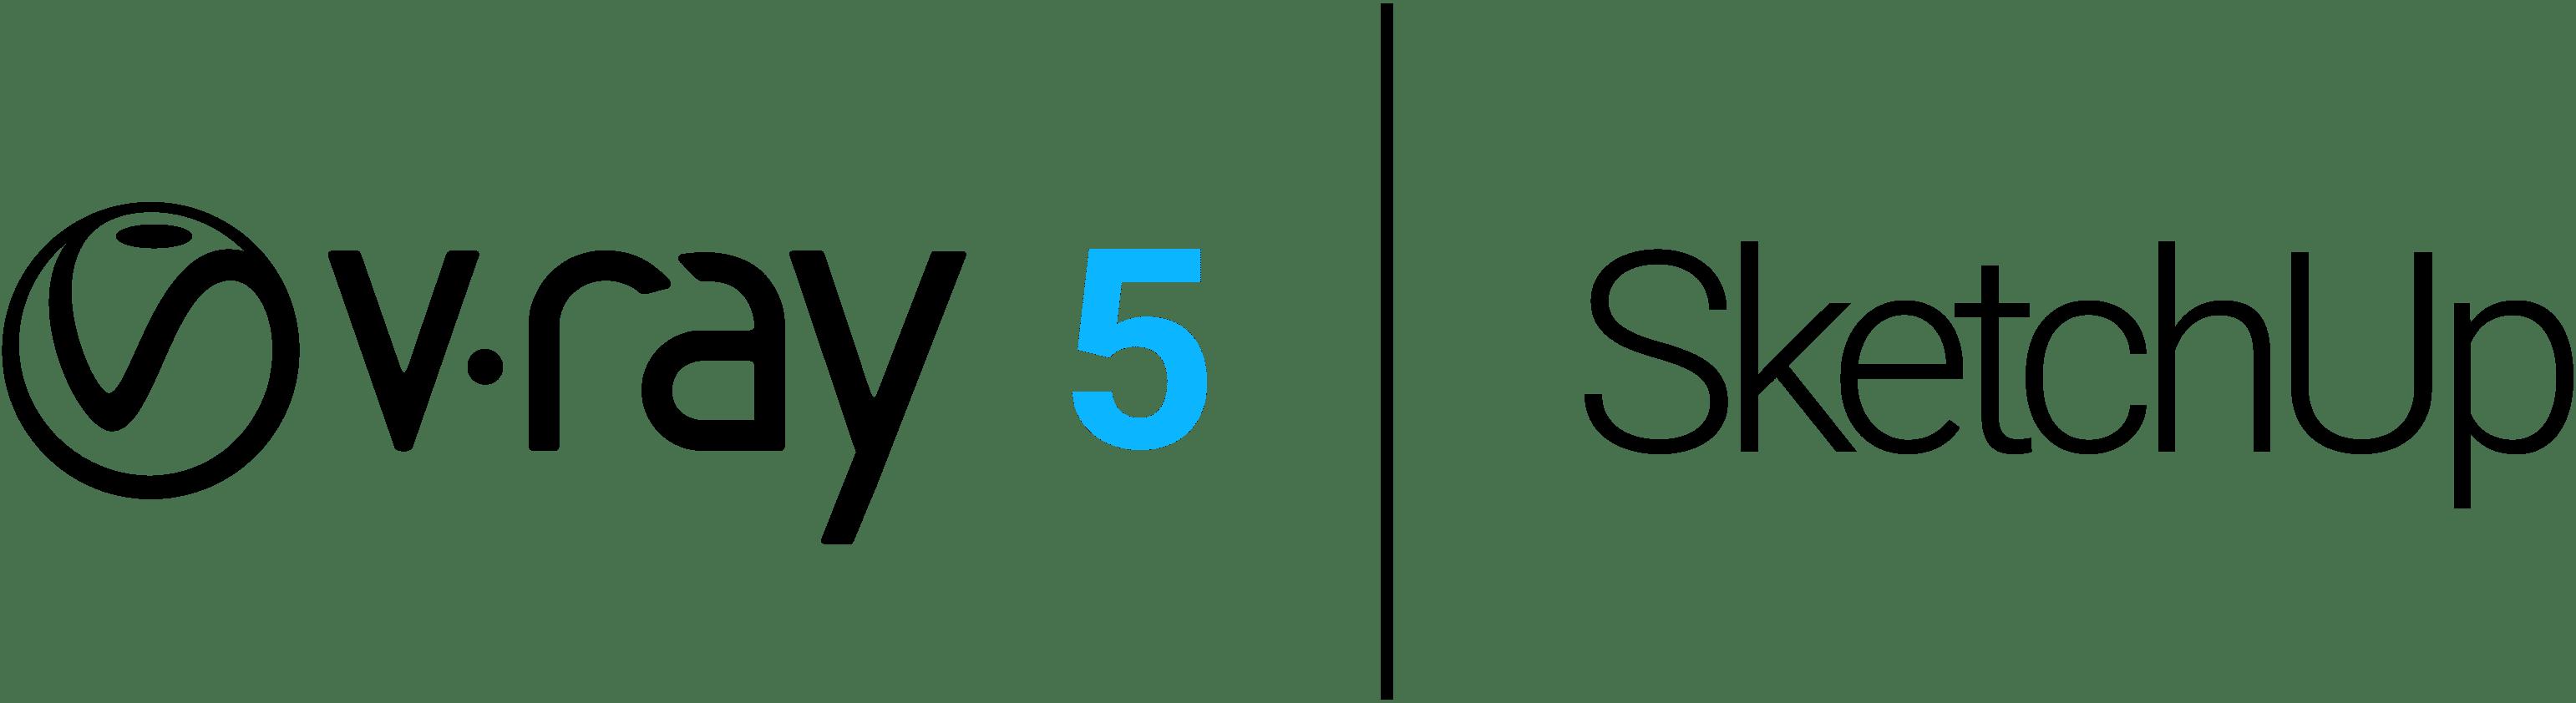 V Ray 5 SketchUp logo b